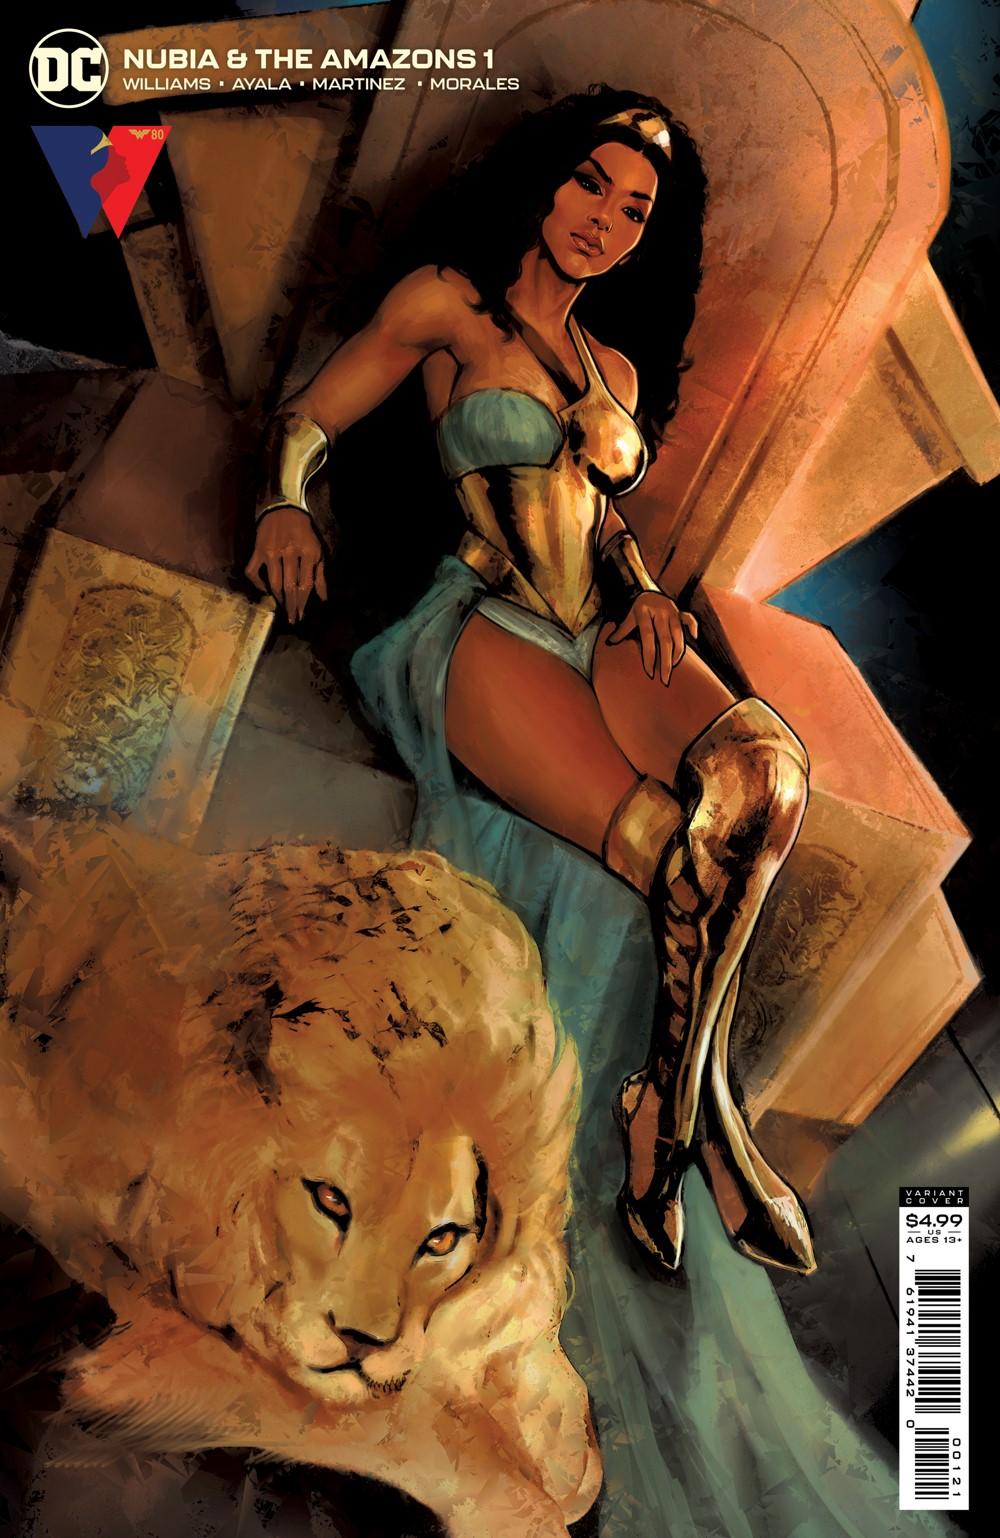 NUBIAATA_Cv1_var_00121 DC Comics October 2021 Solicitations